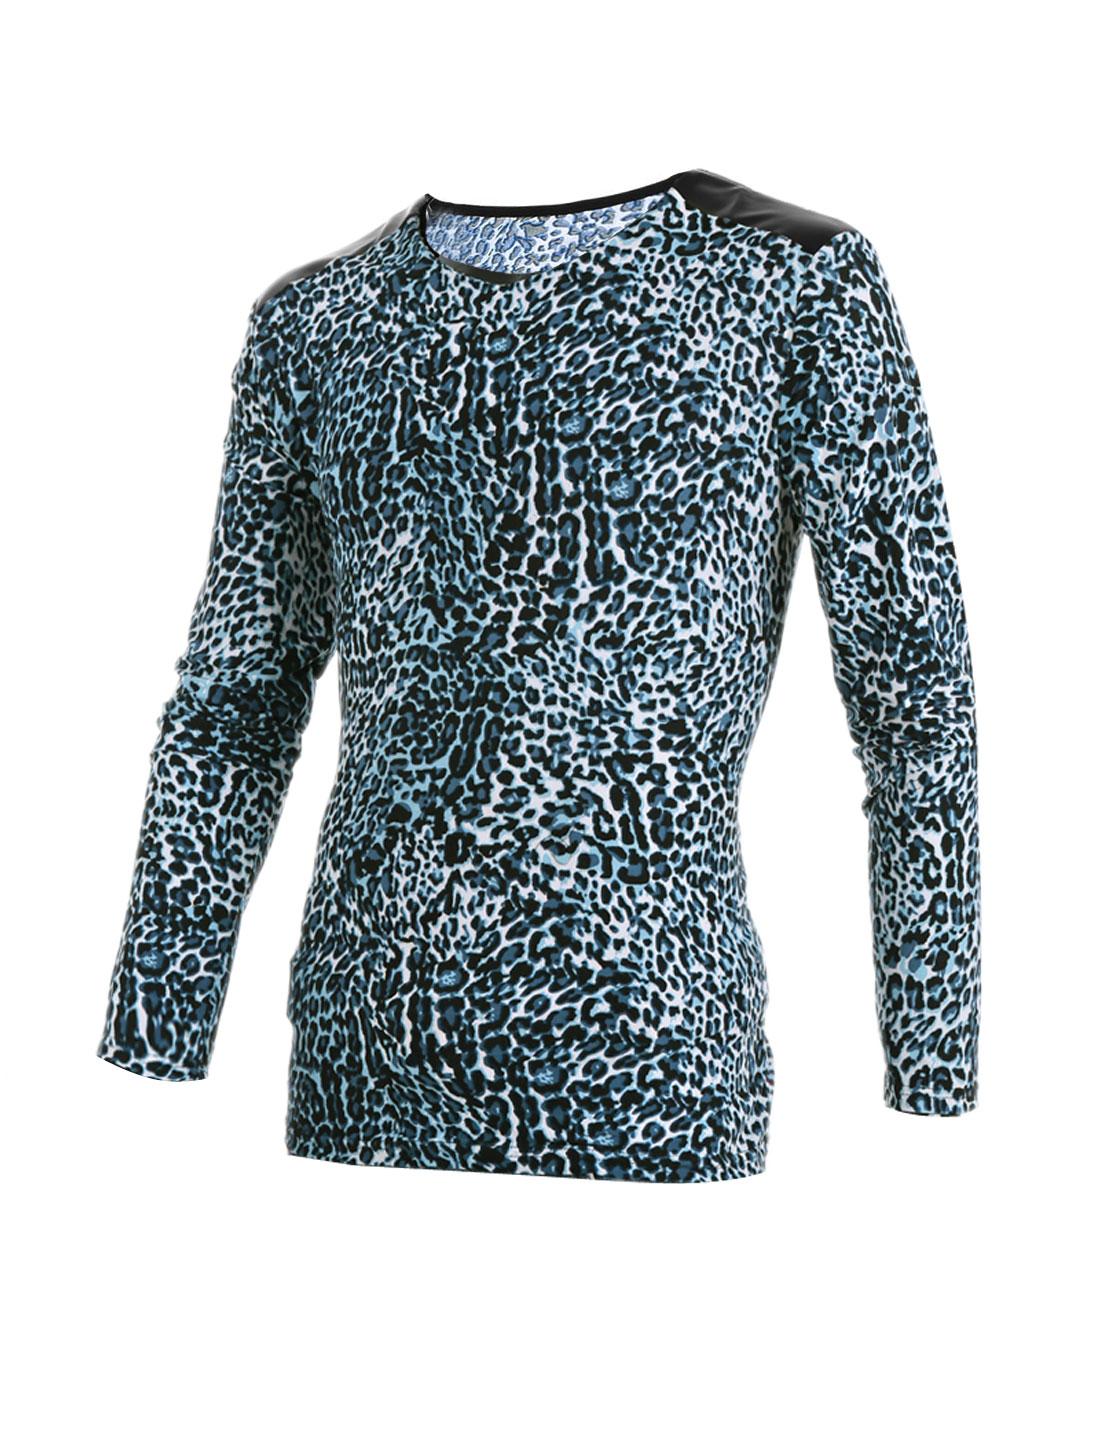 Mens White Blue Leopard Prints Faux Leather Shoulder Patchwork Top Shirt XS